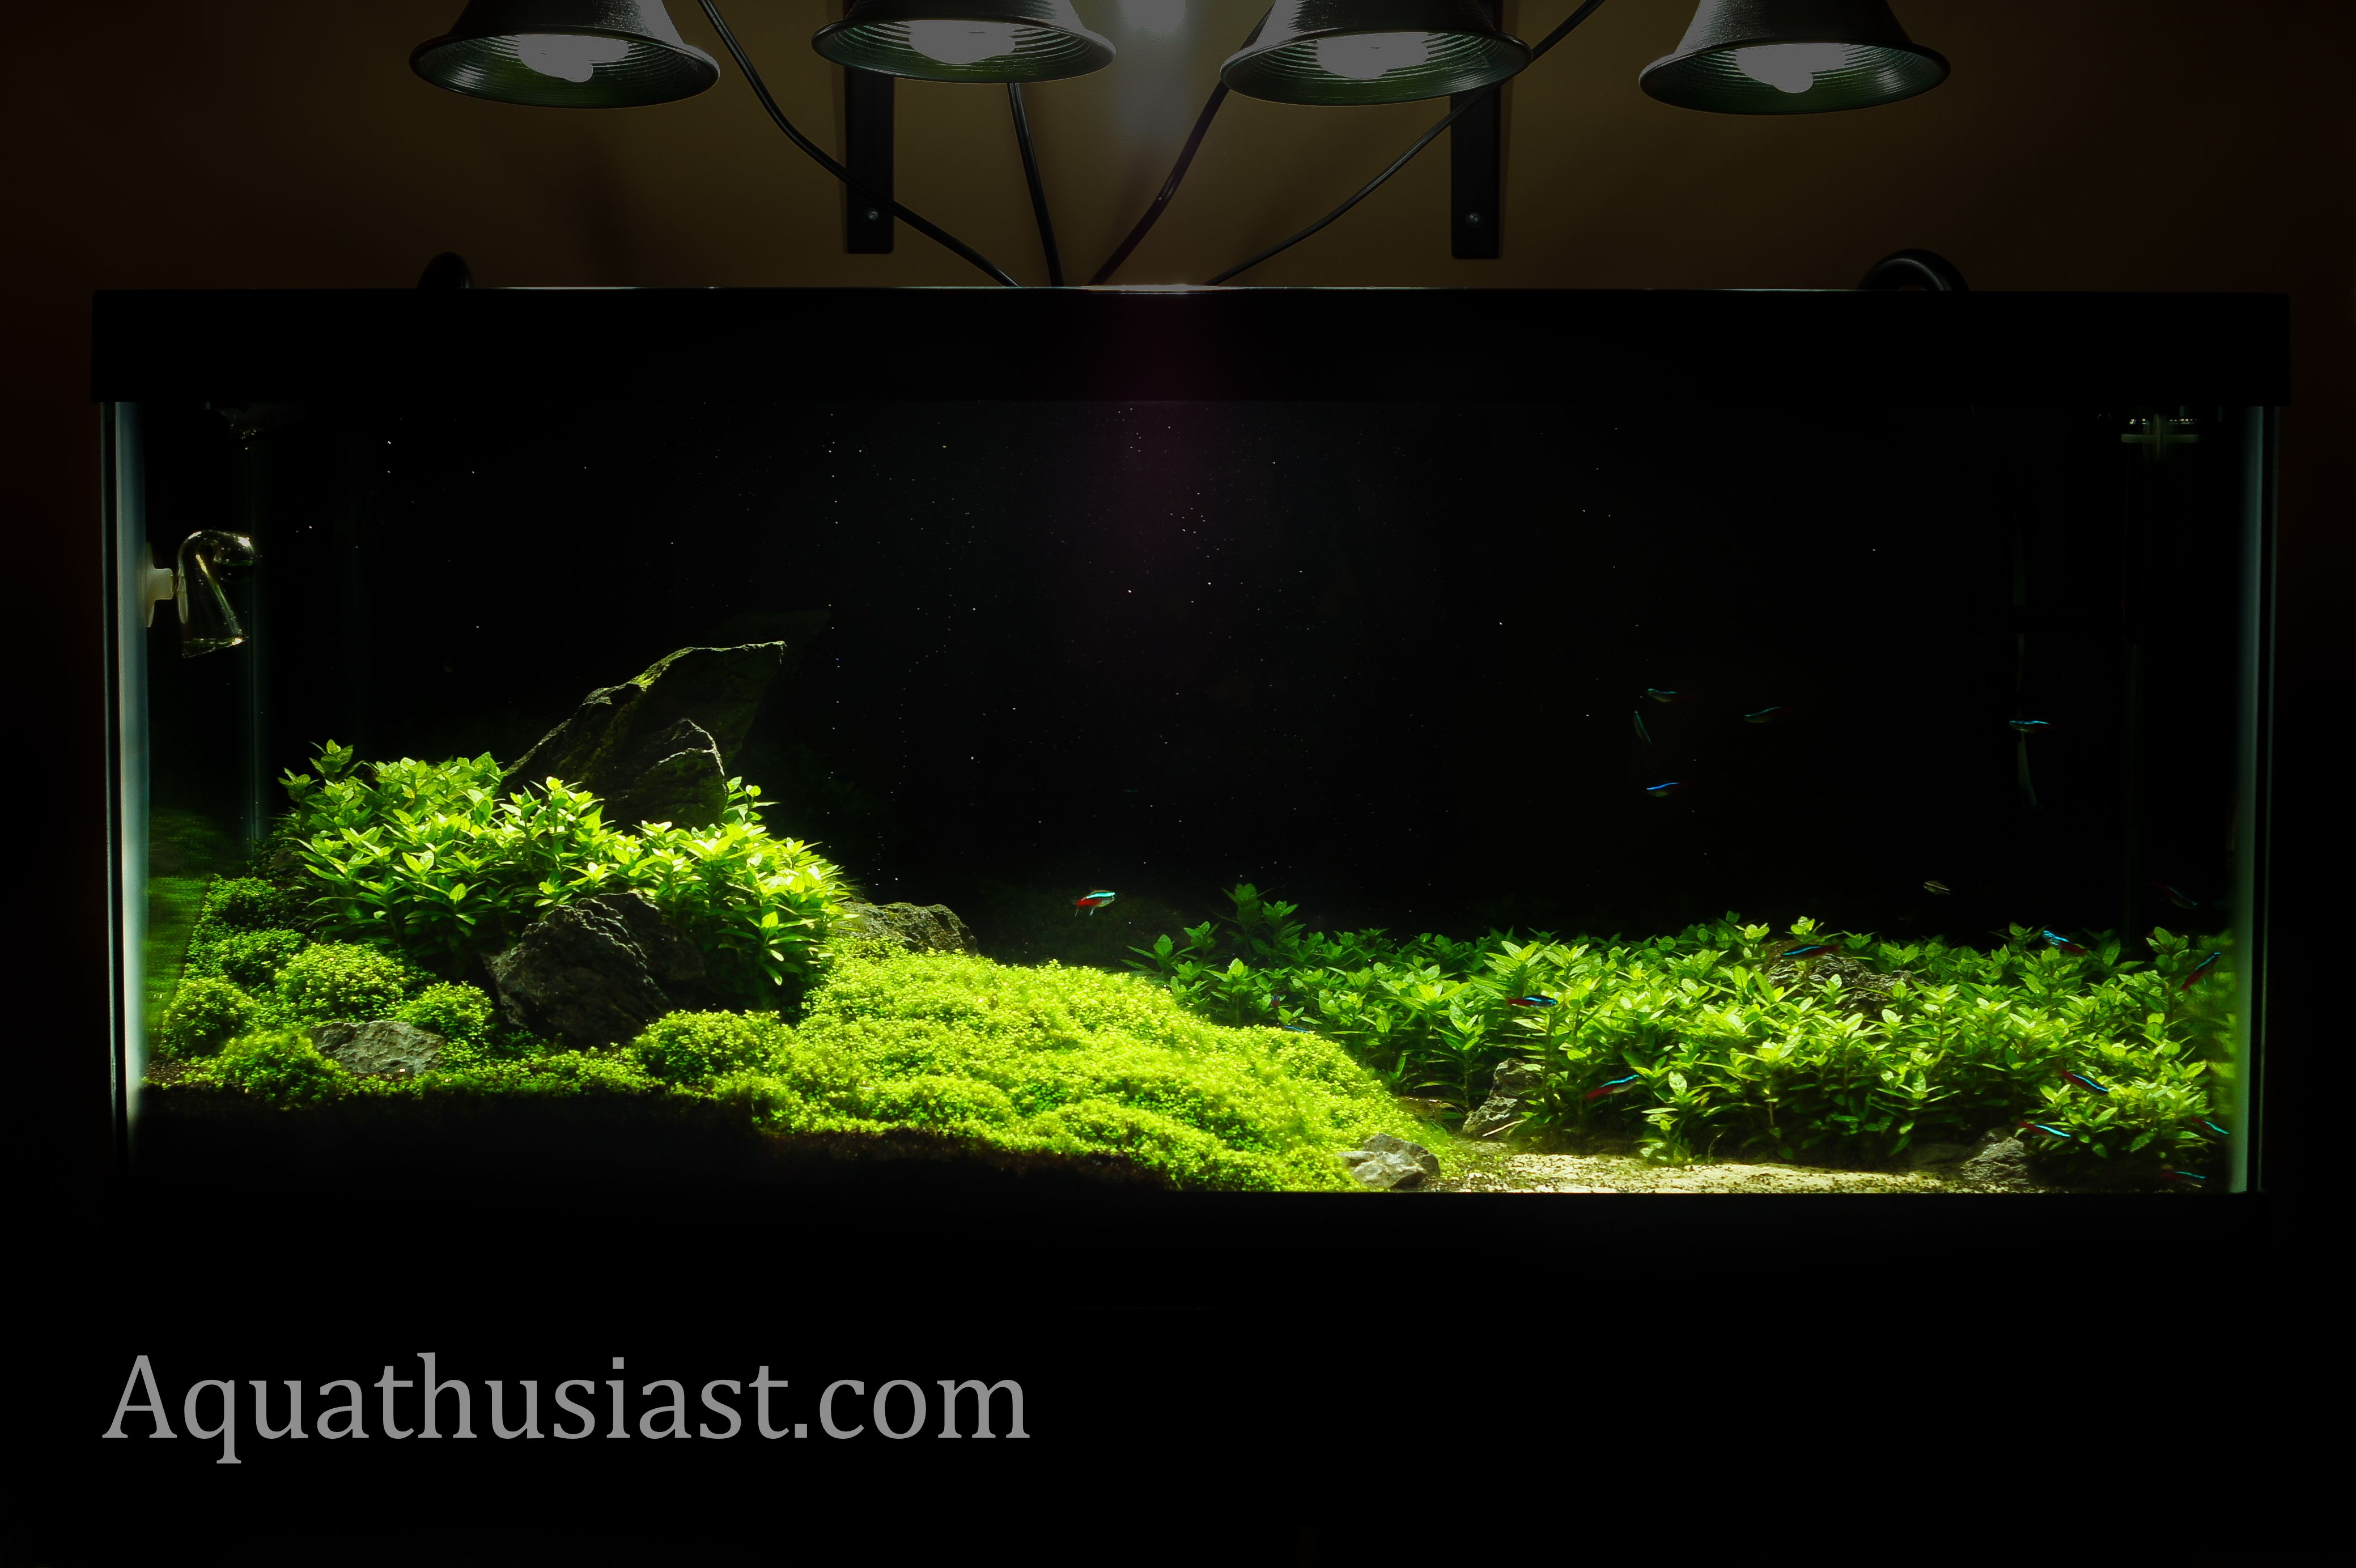 Freshwater aquarium fish species ebook -